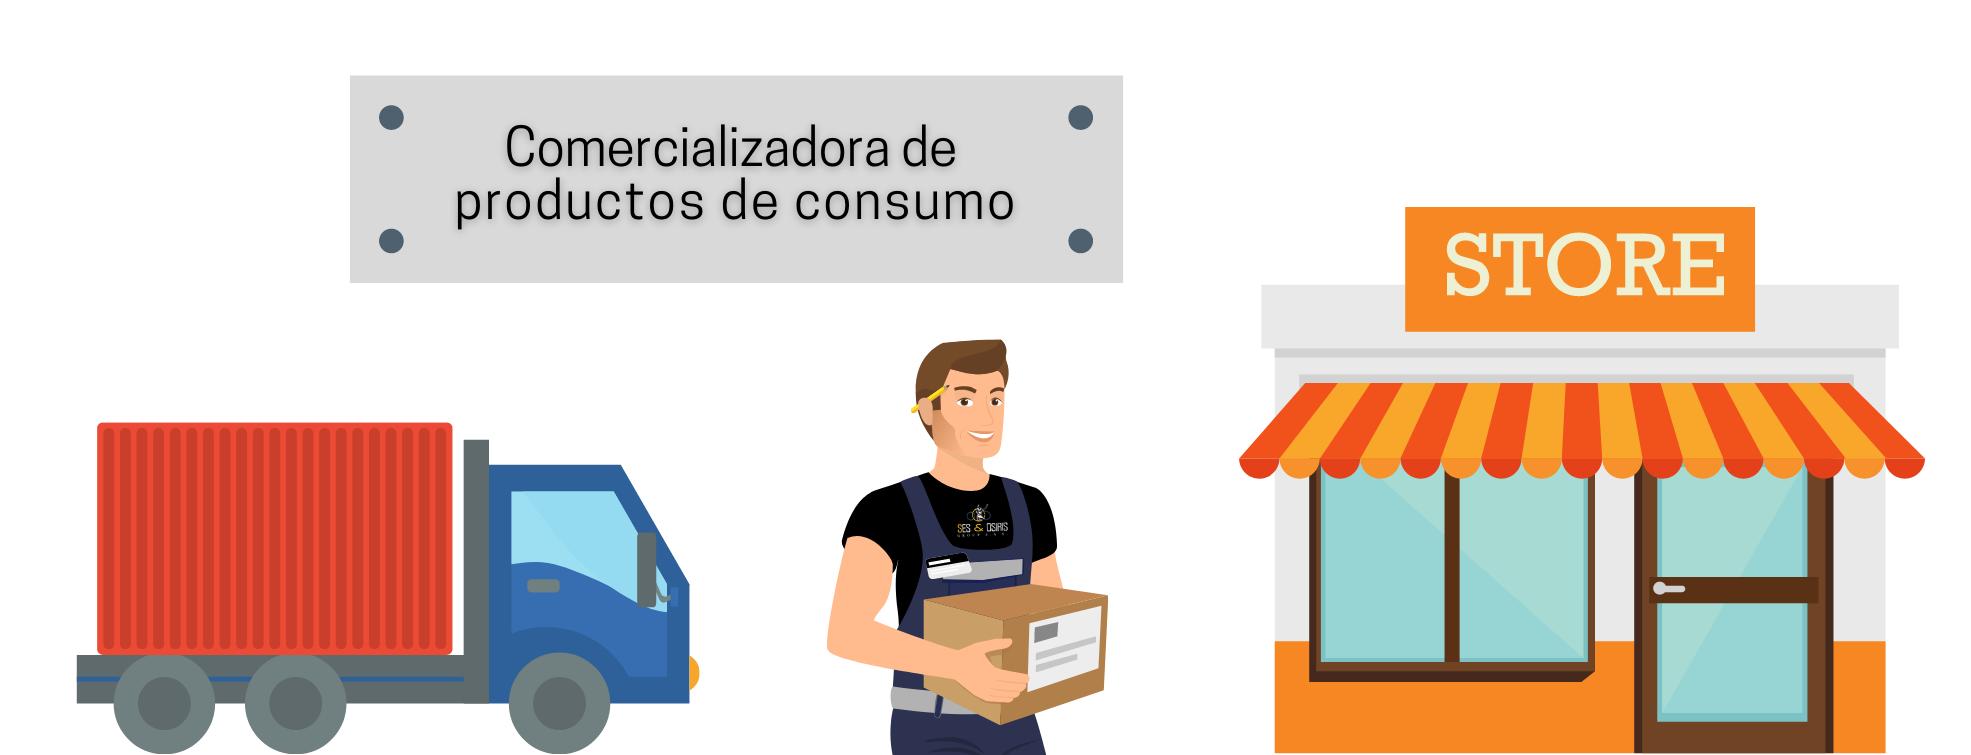 Comercializadora de productos de consumo